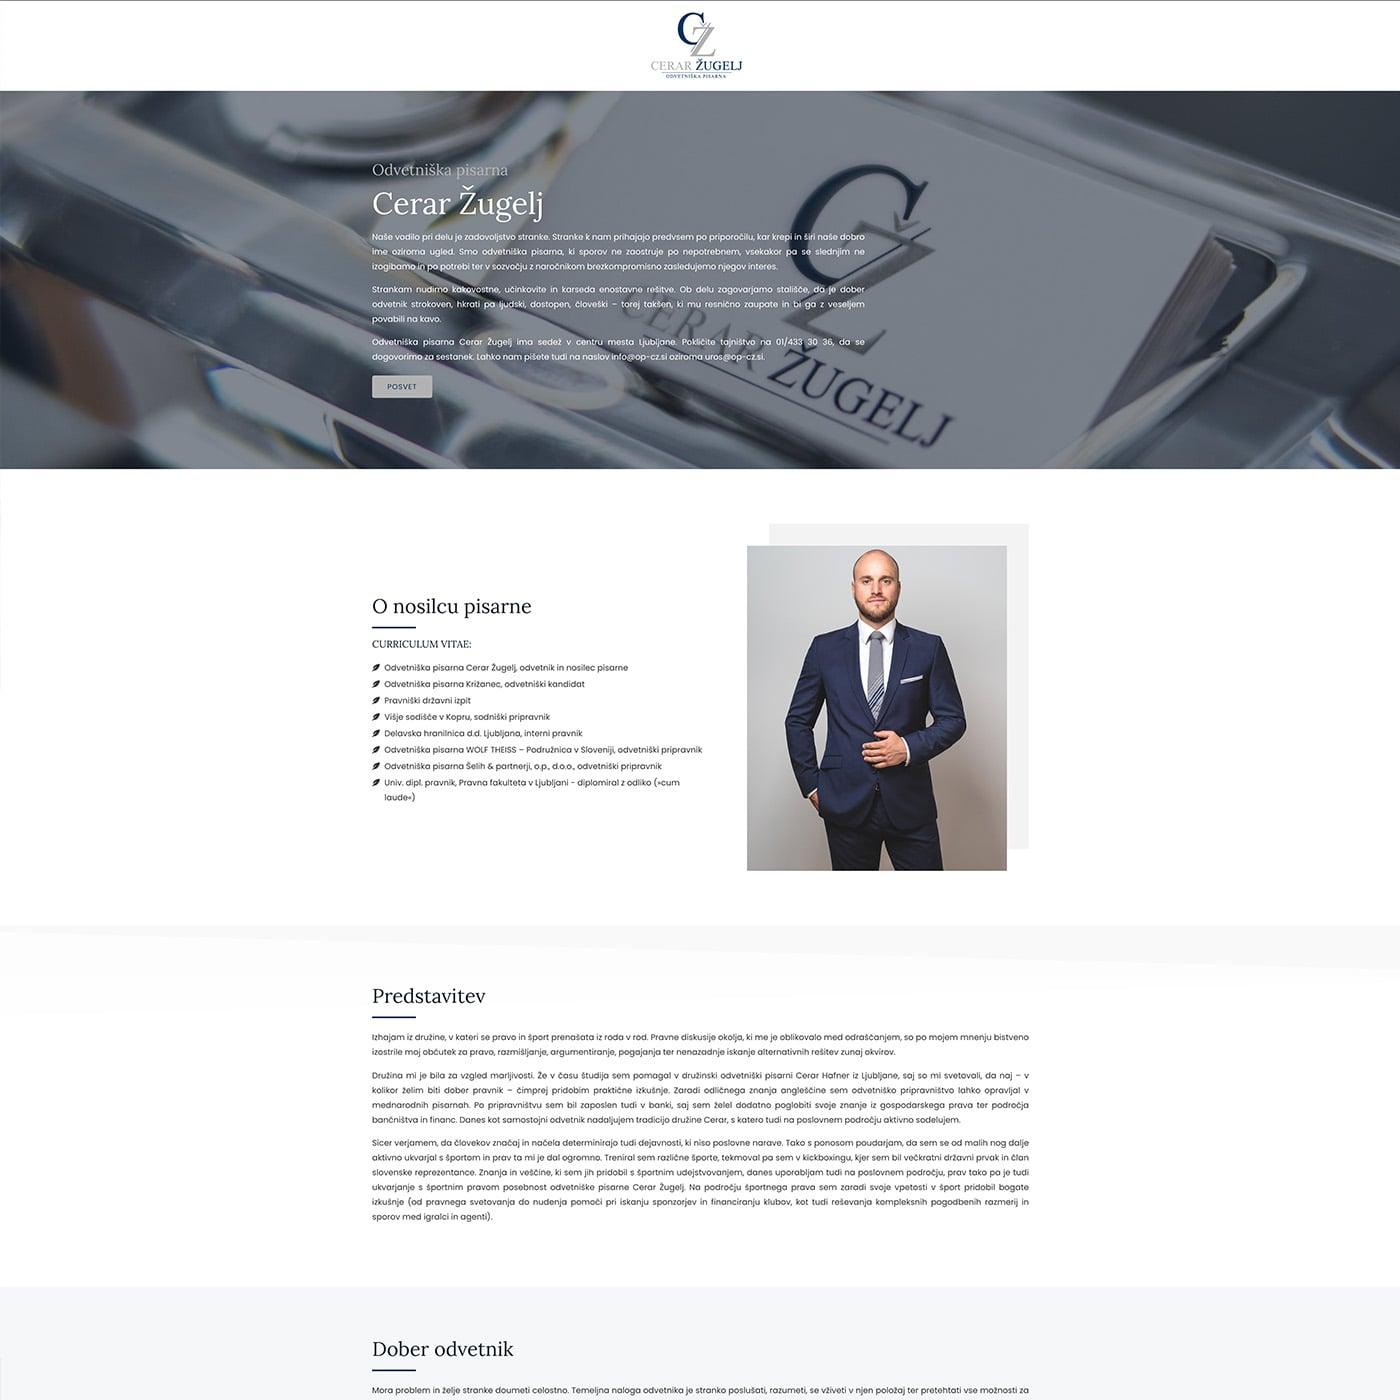 odvetniska_pisarna_cerar_zugelj-min (2)